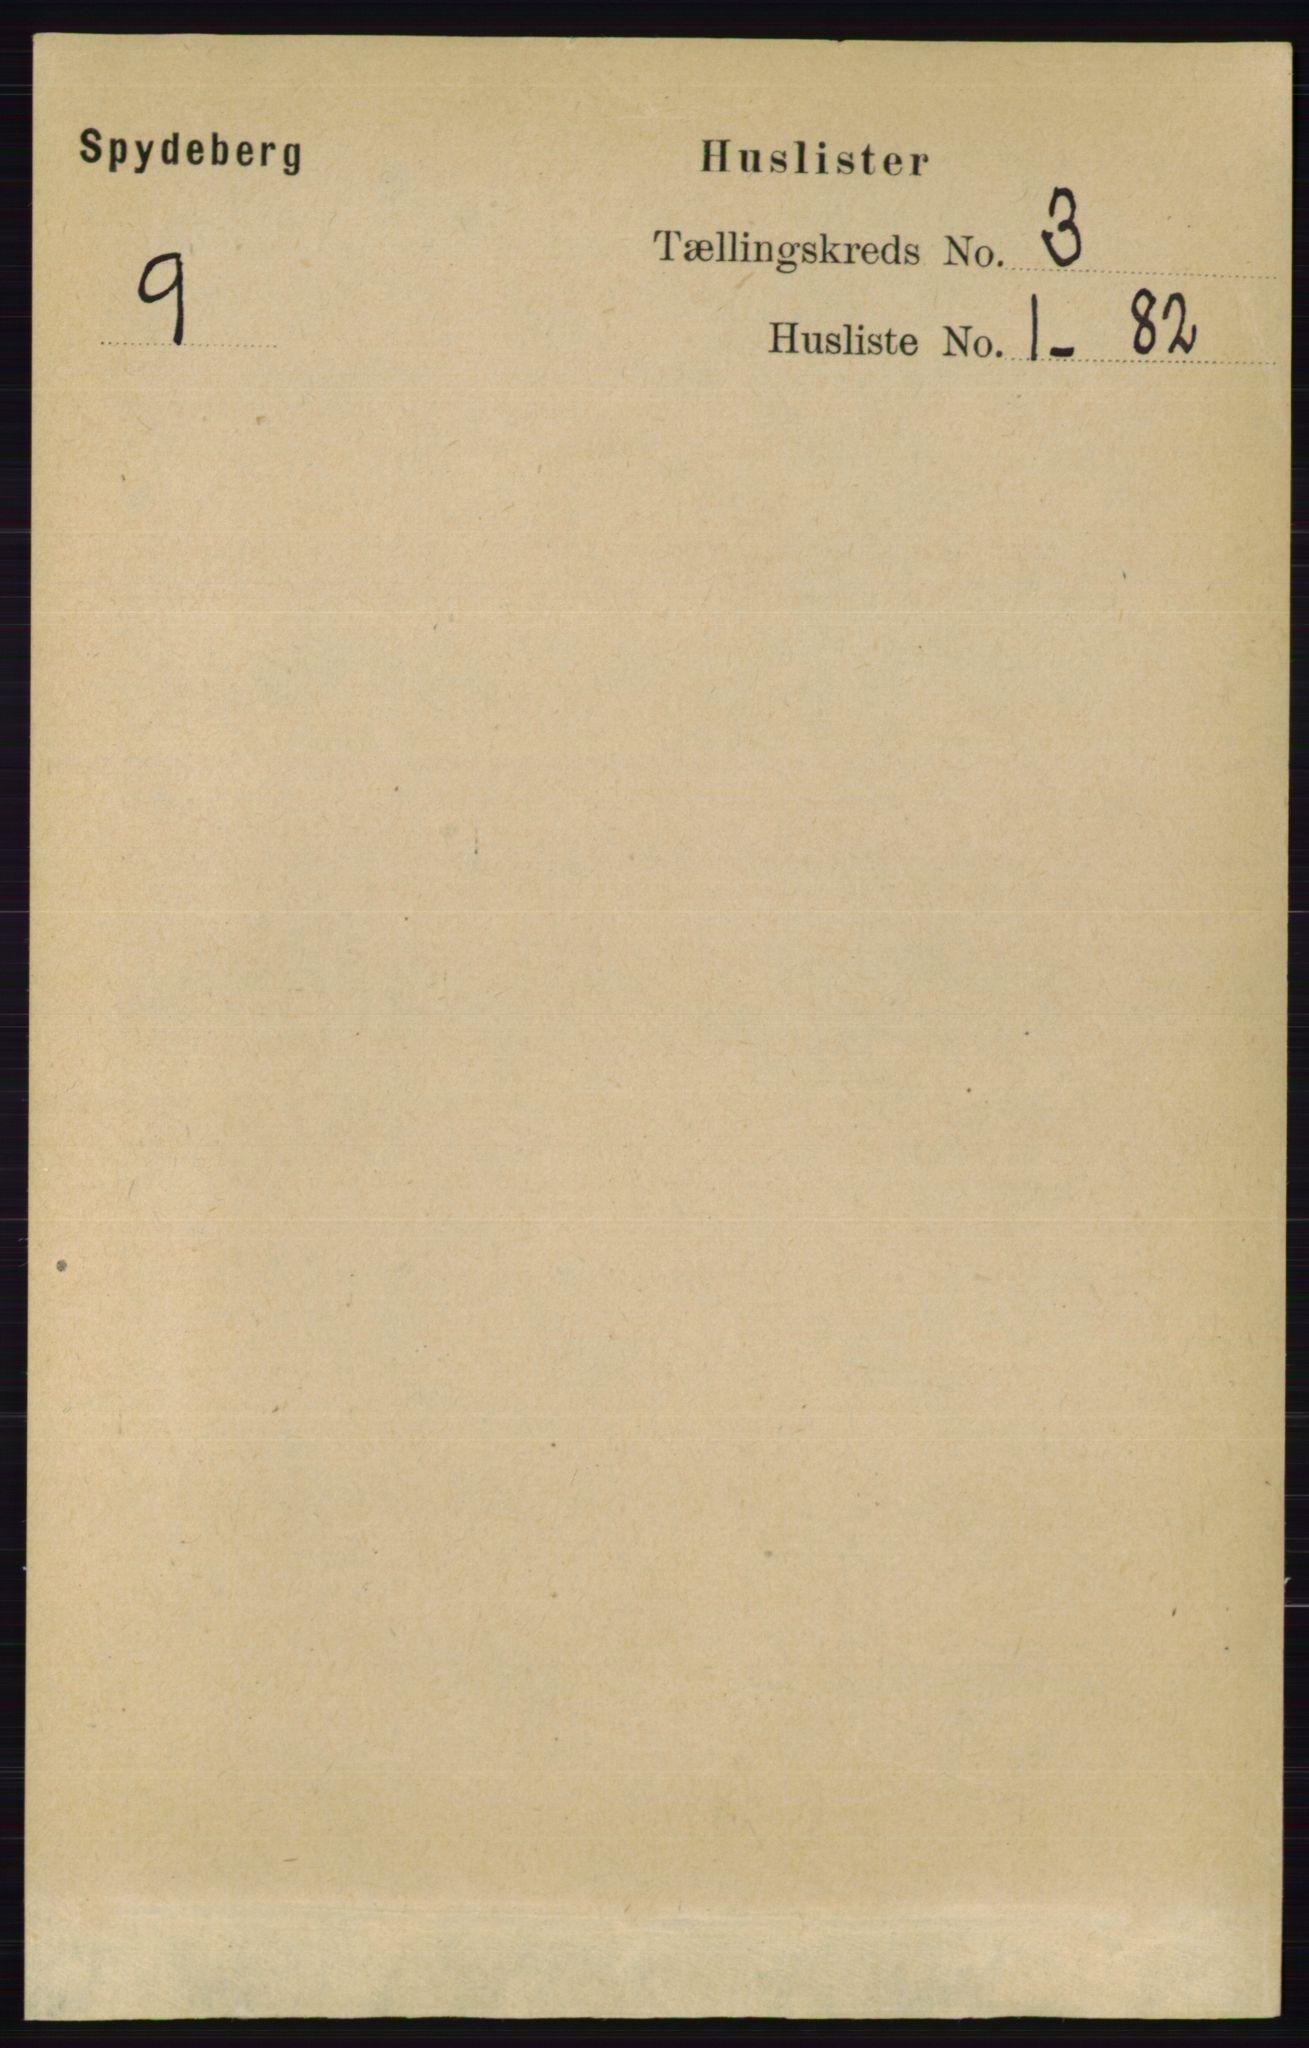 RA, Folketelling 1891 for 0123 Spydeberg herred, 1891, s. 1142